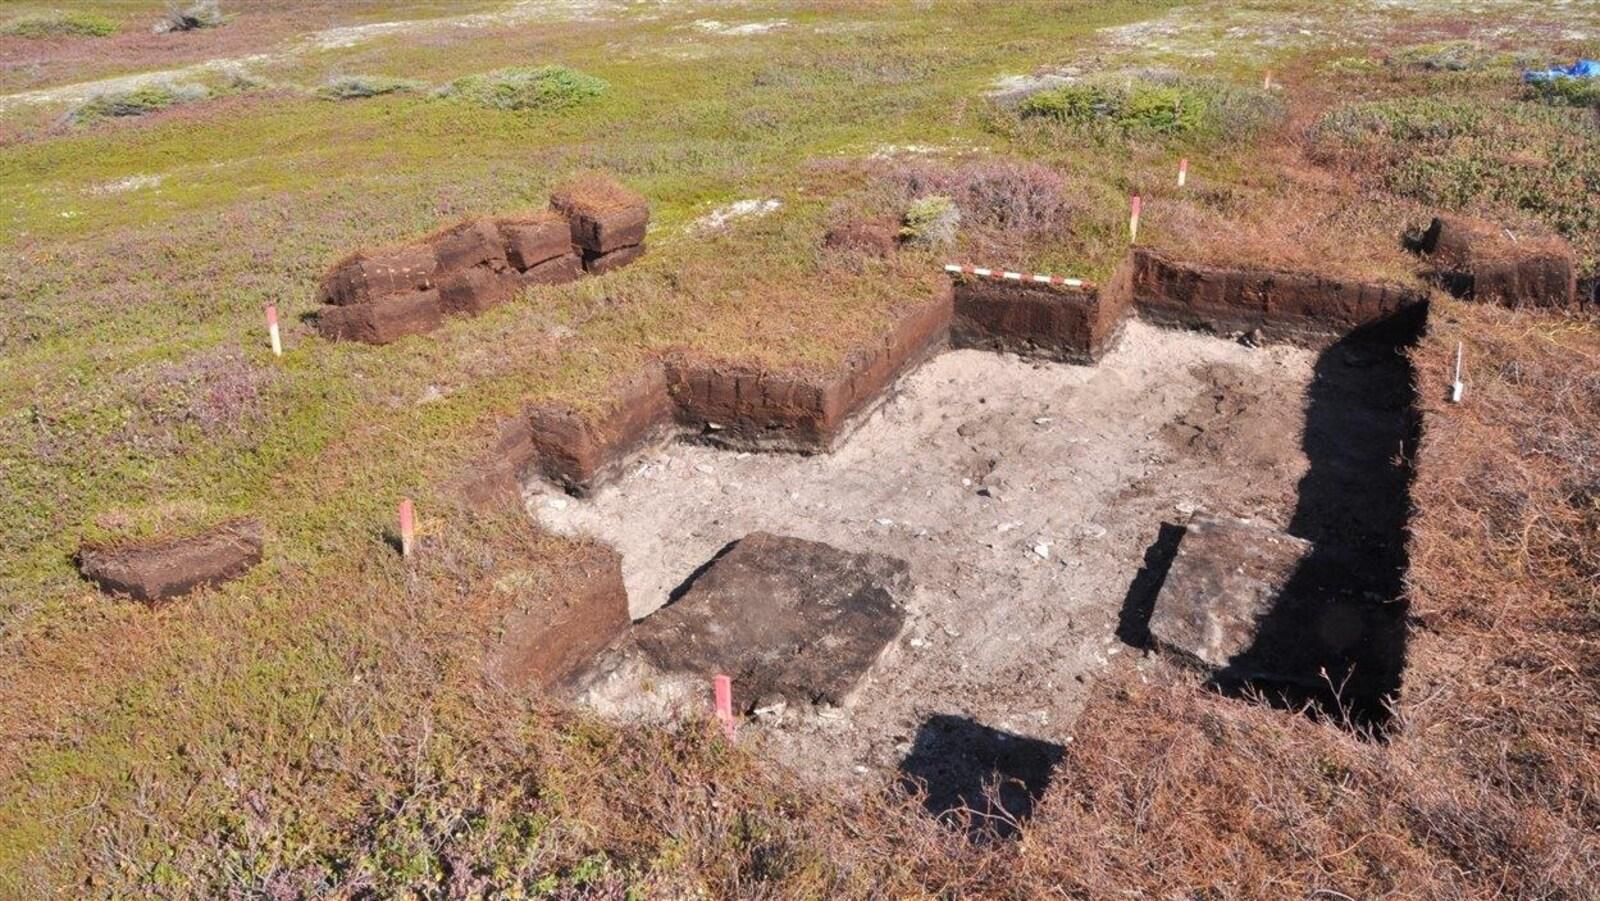 Le site des fouilles archéologiques à l'île Nue.